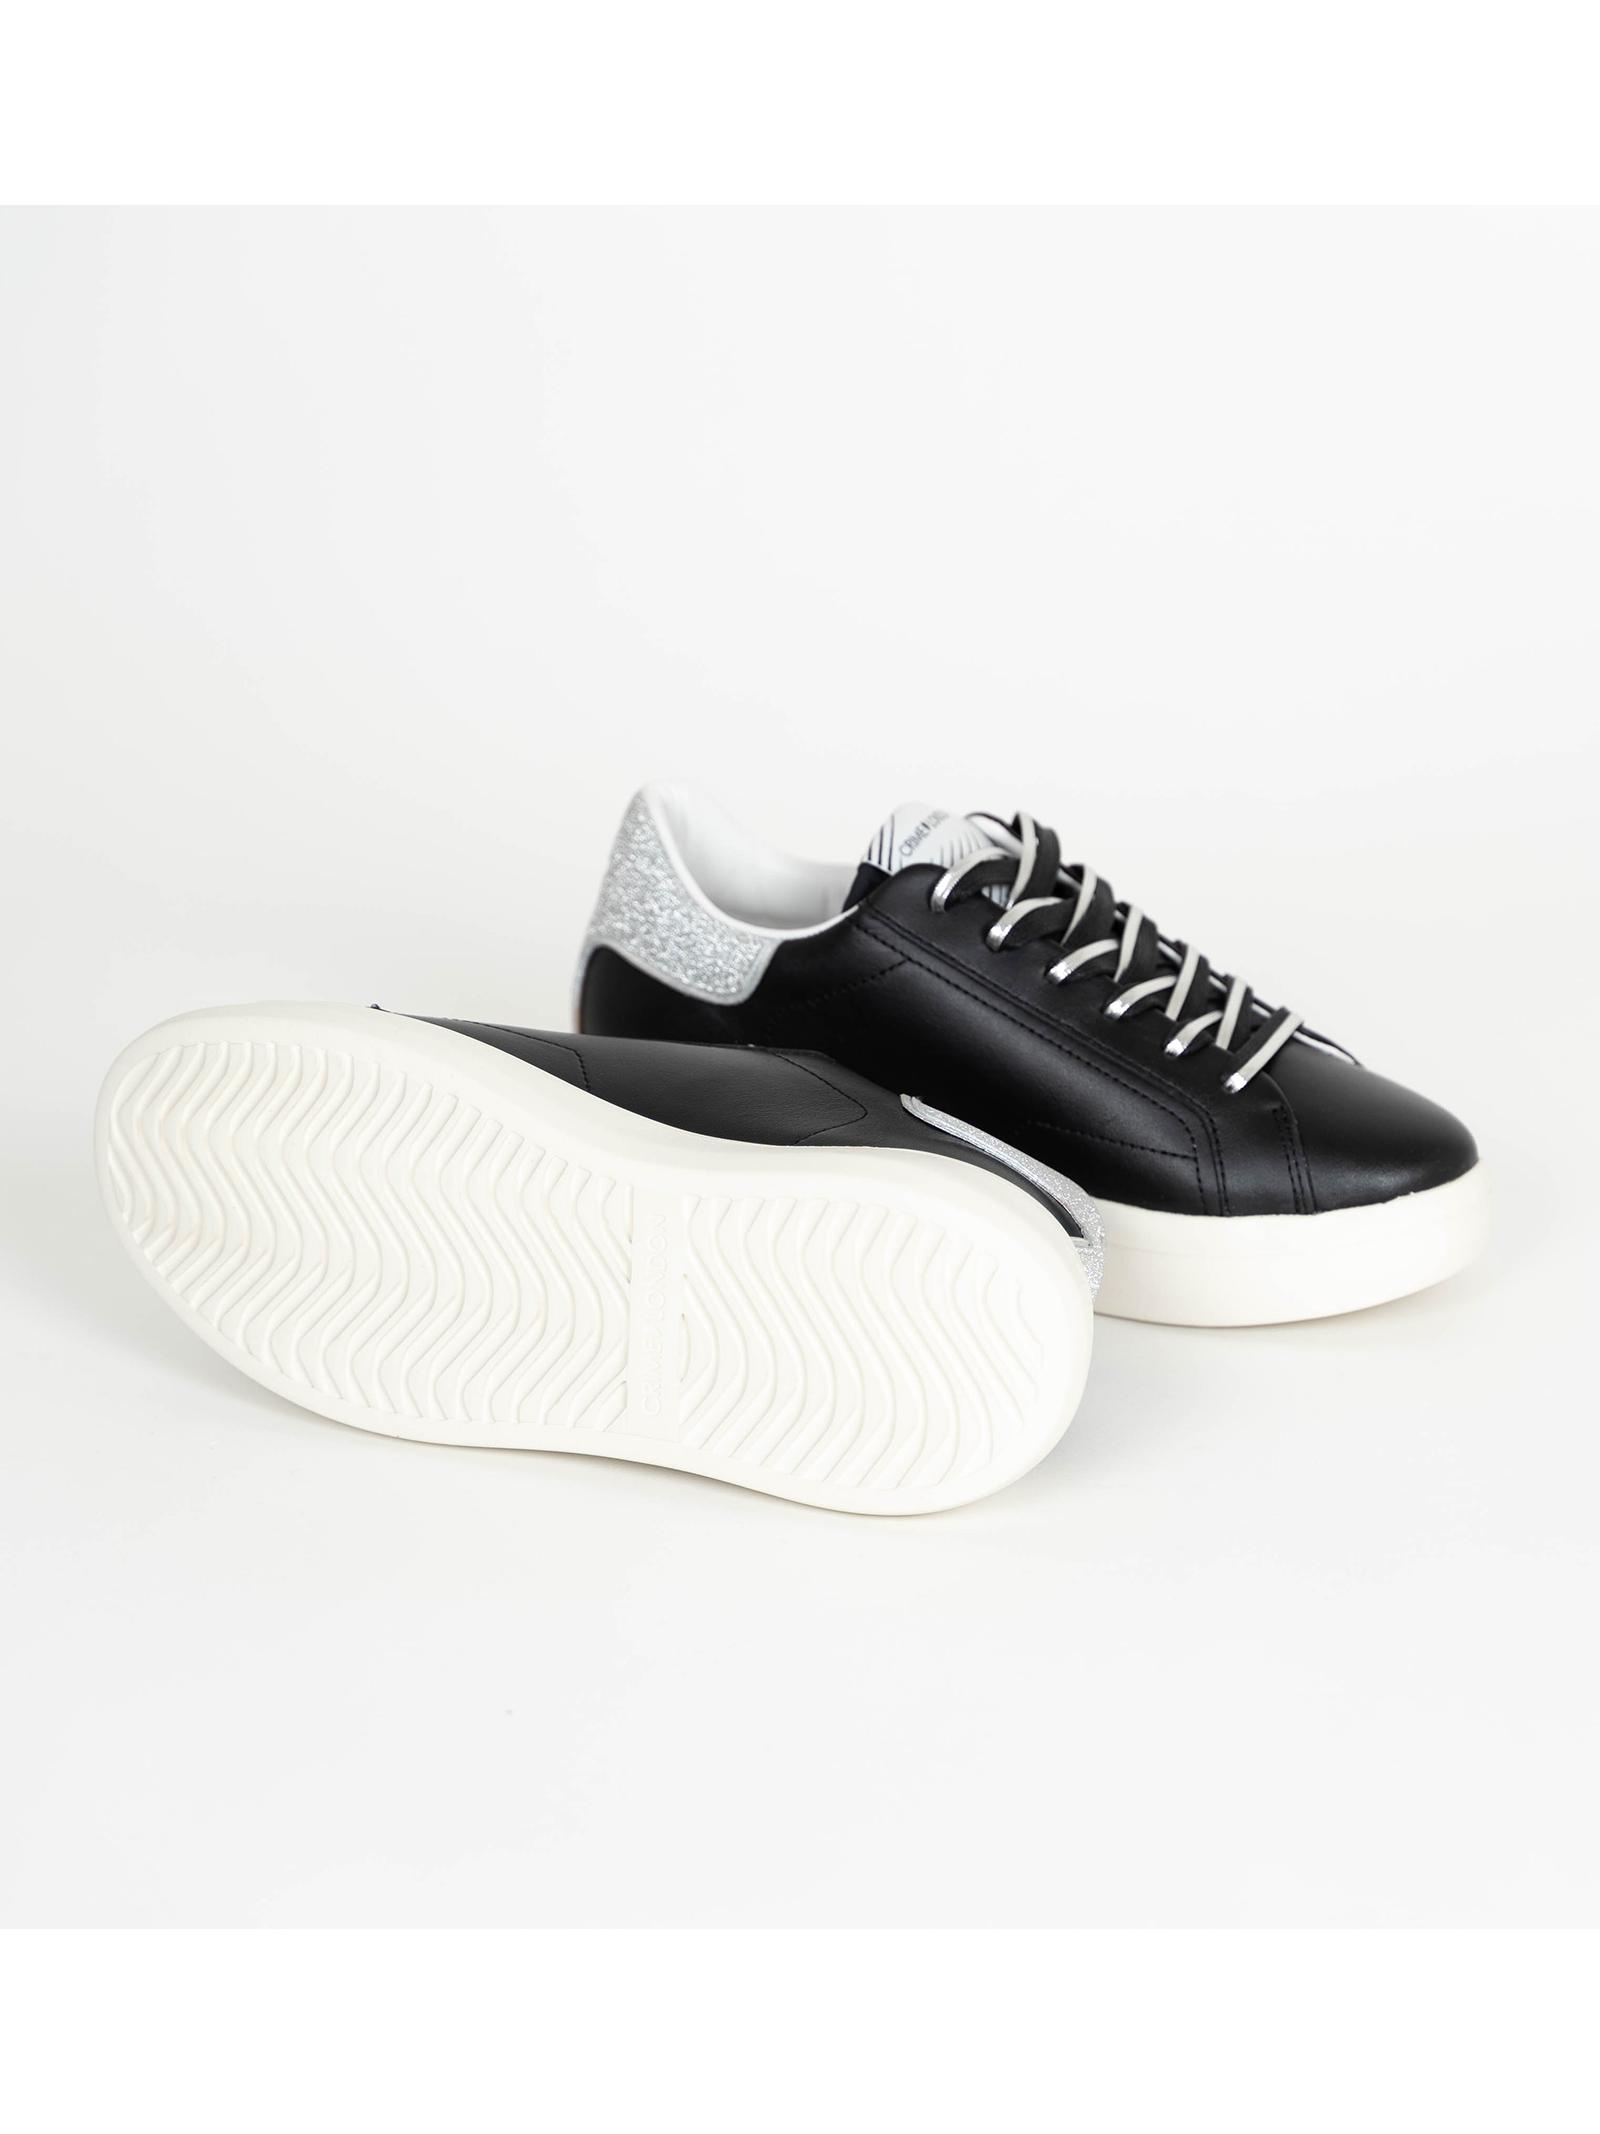 CRIME LONDON | Sneakers | 25315PP3B20